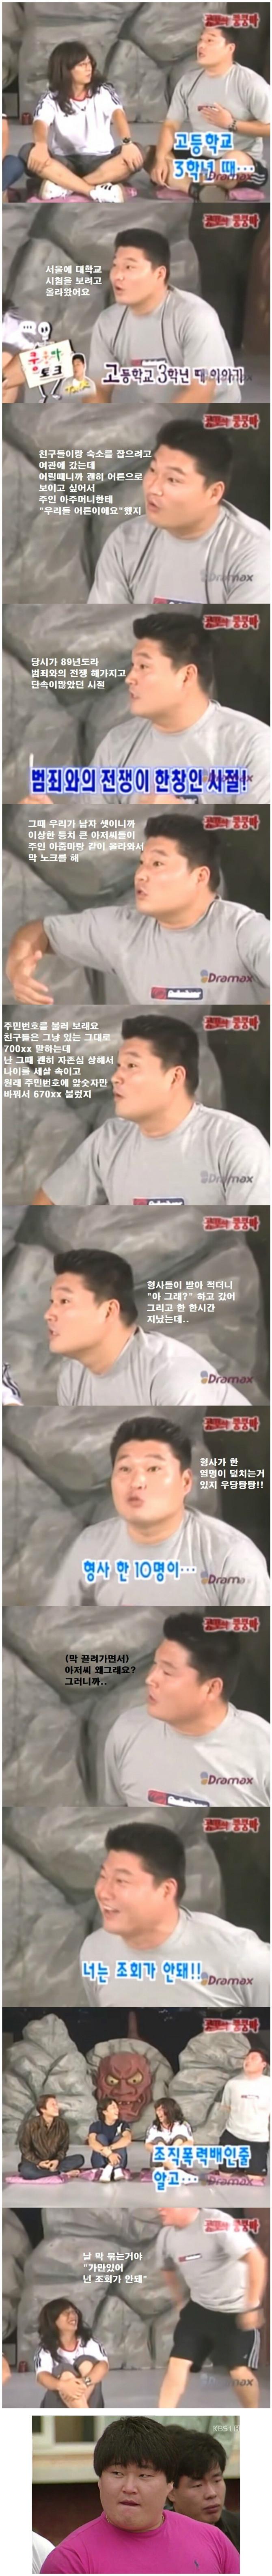 고3때 조폭으로 오해받은 강호동!!!